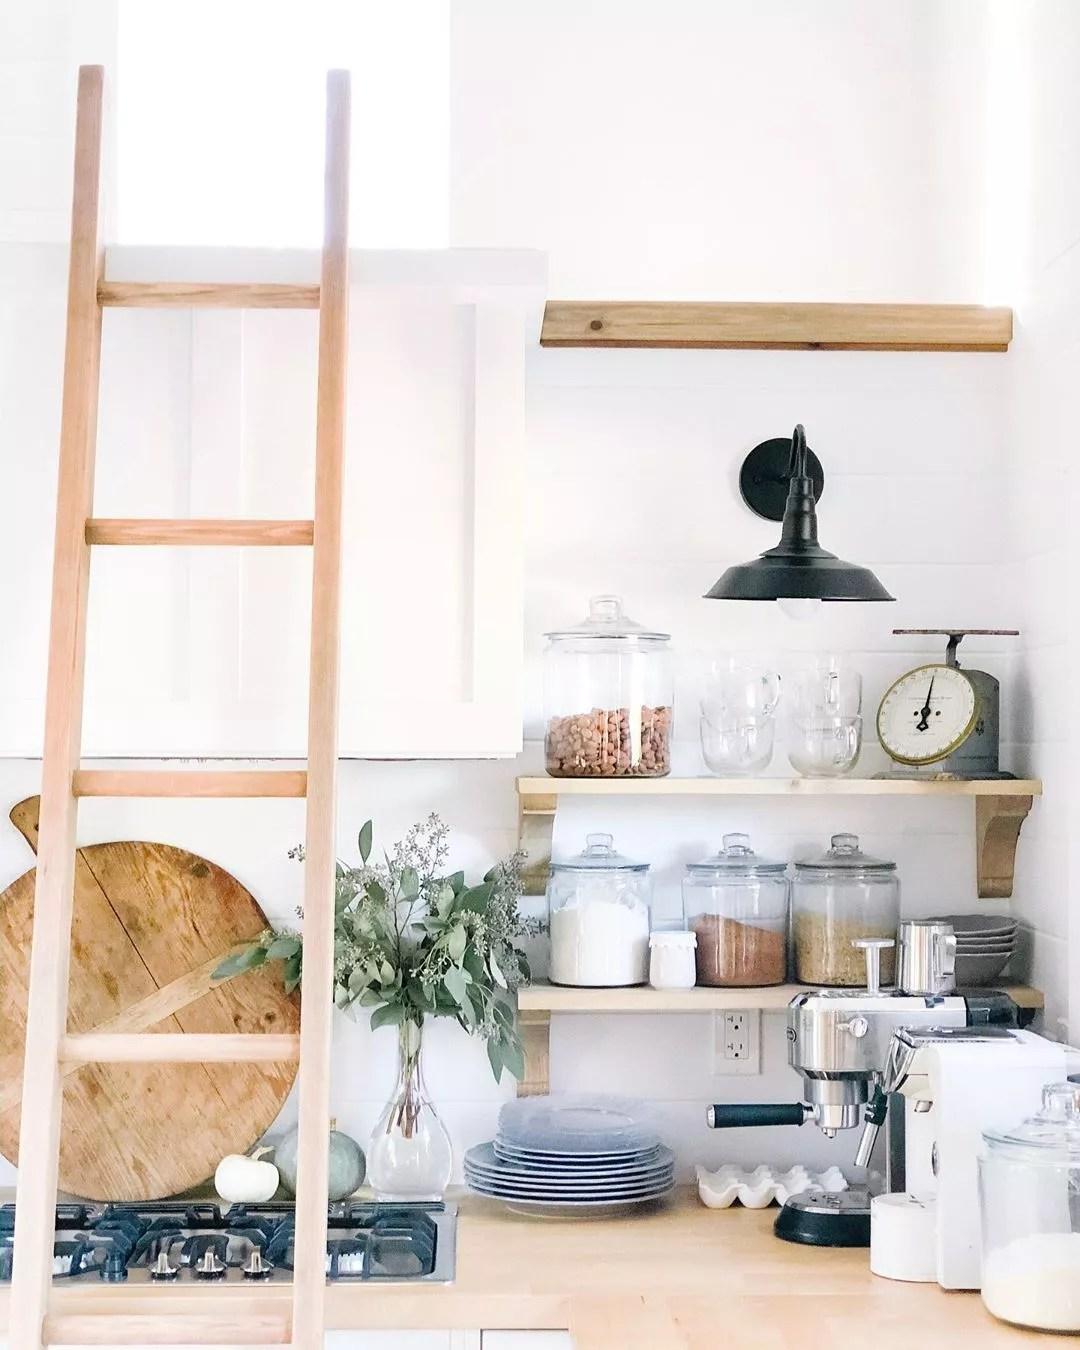 Kitchen storage with ladder. Photo by Instagram user @whiteorchardinteriors